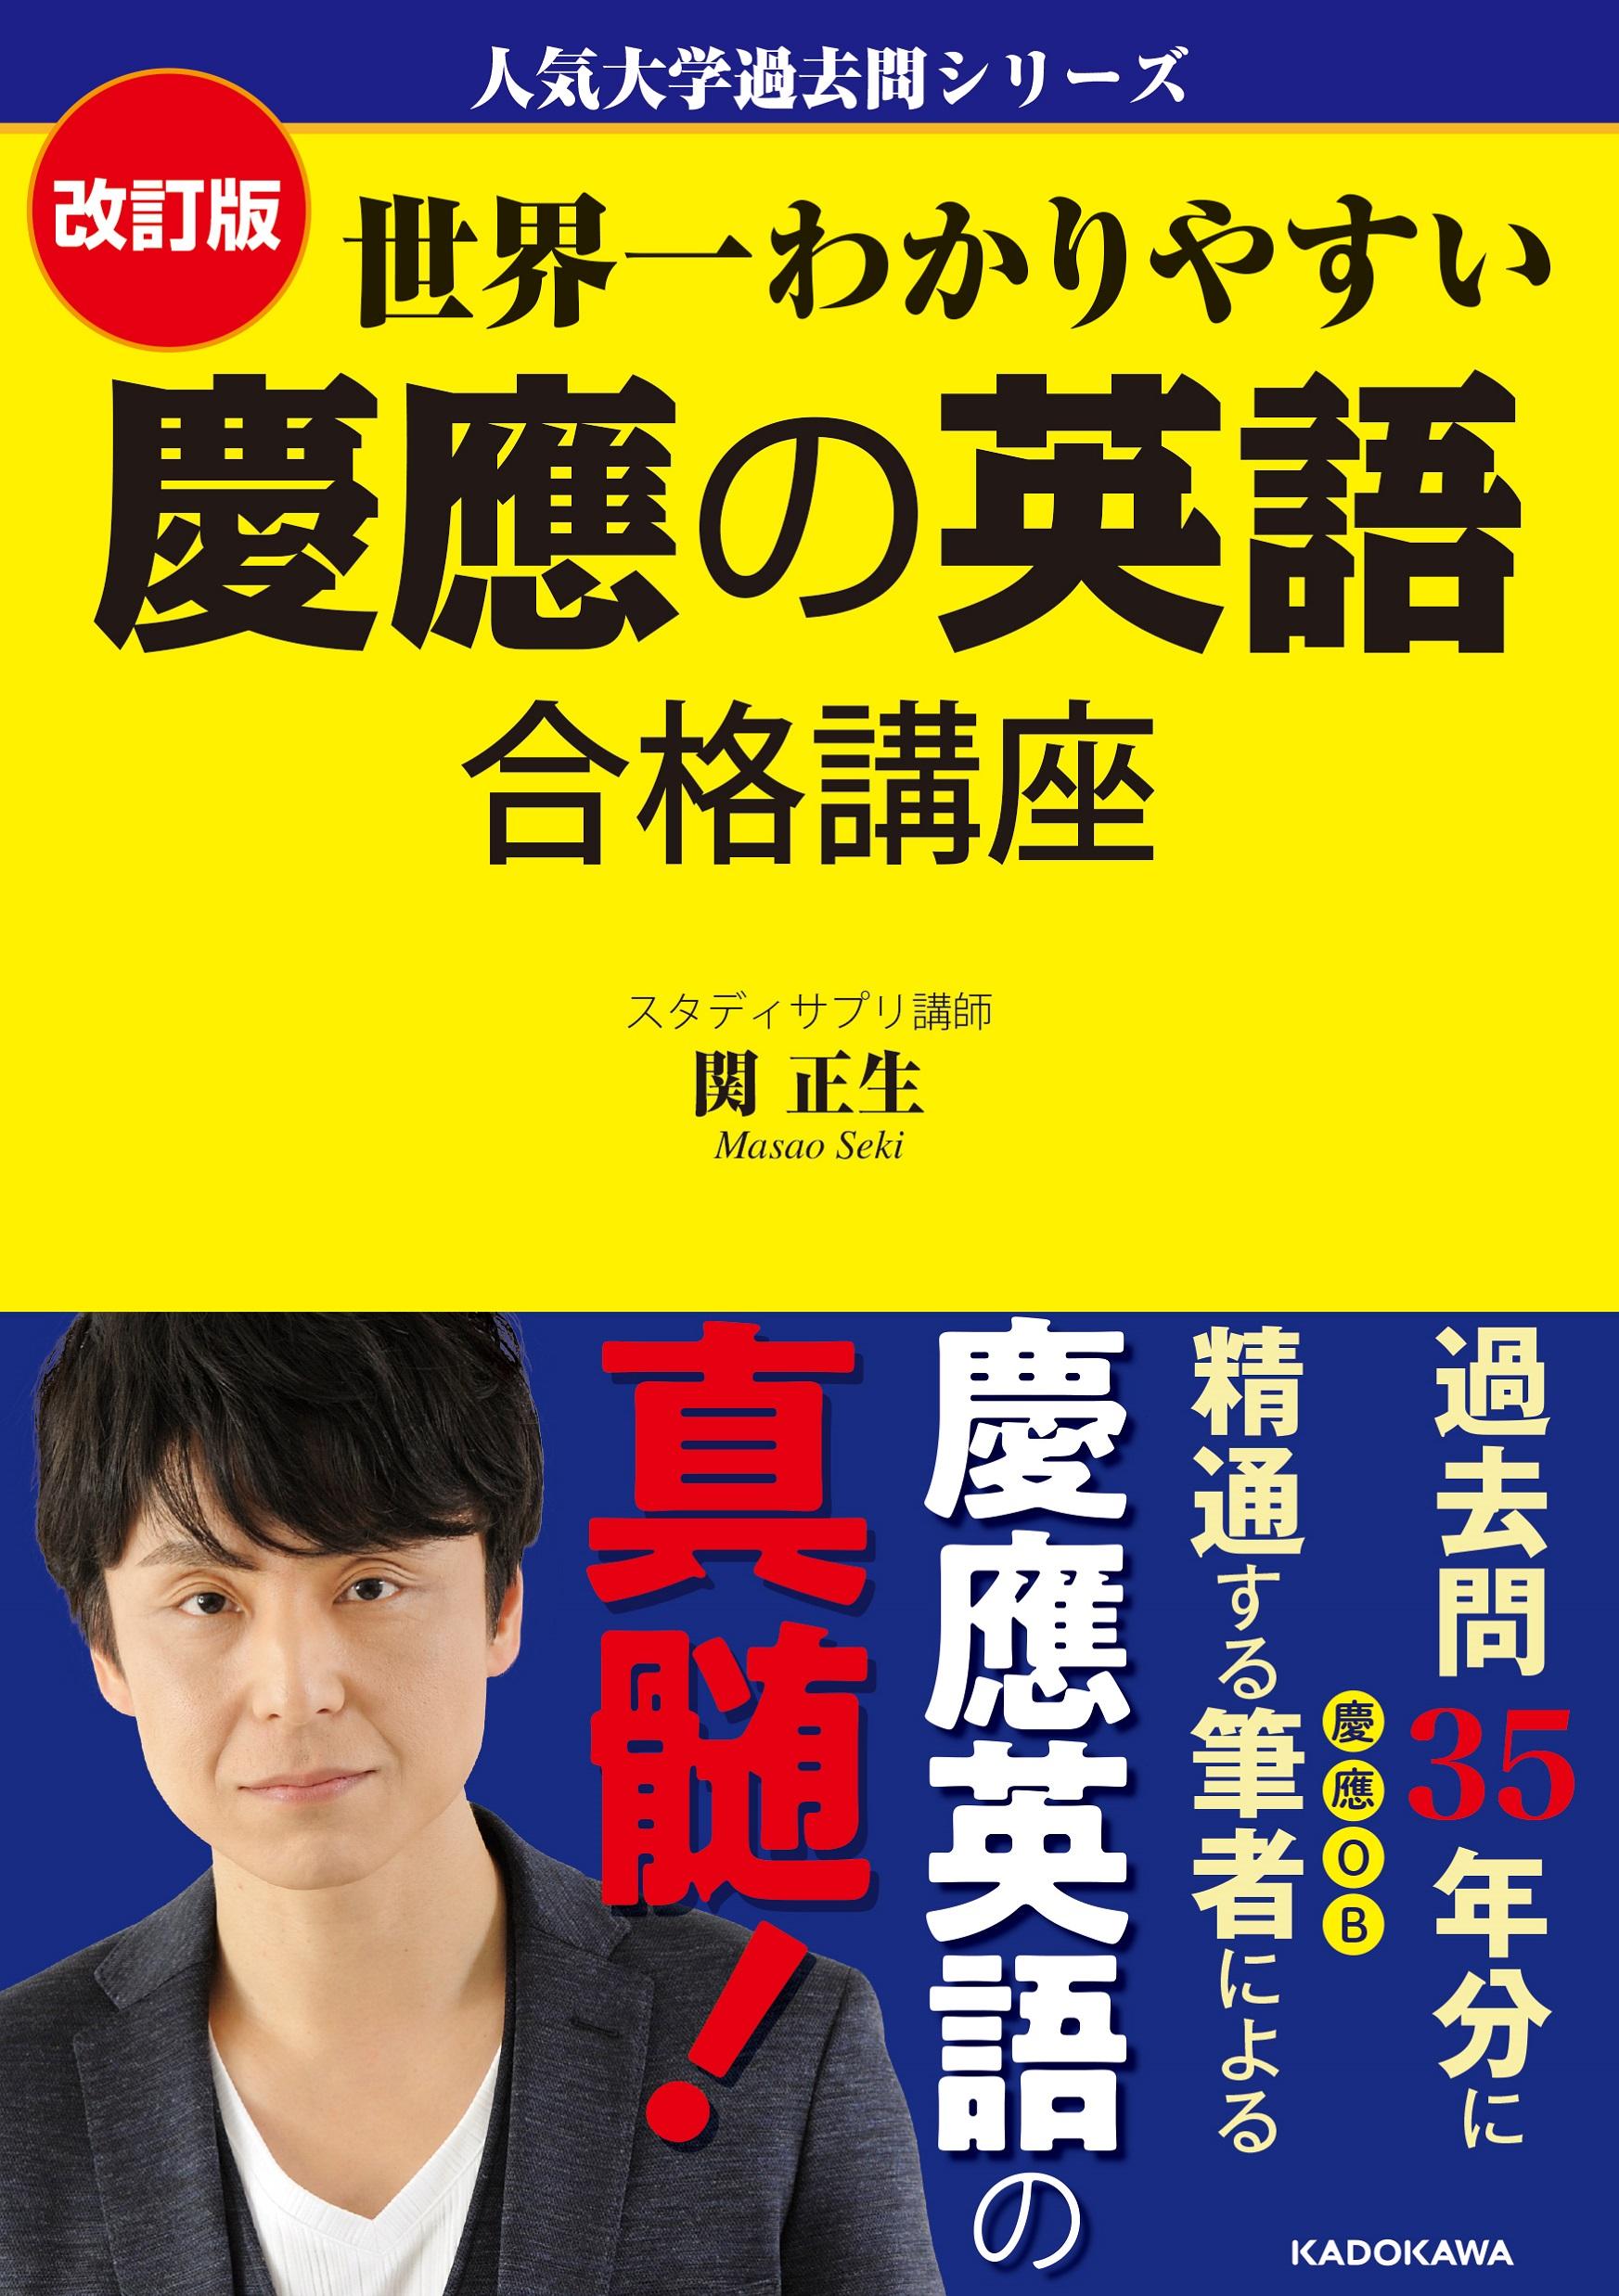 人気大学過去問シリーズ 改訂版 世界一わかりやすい 慶應の英語 合格講座